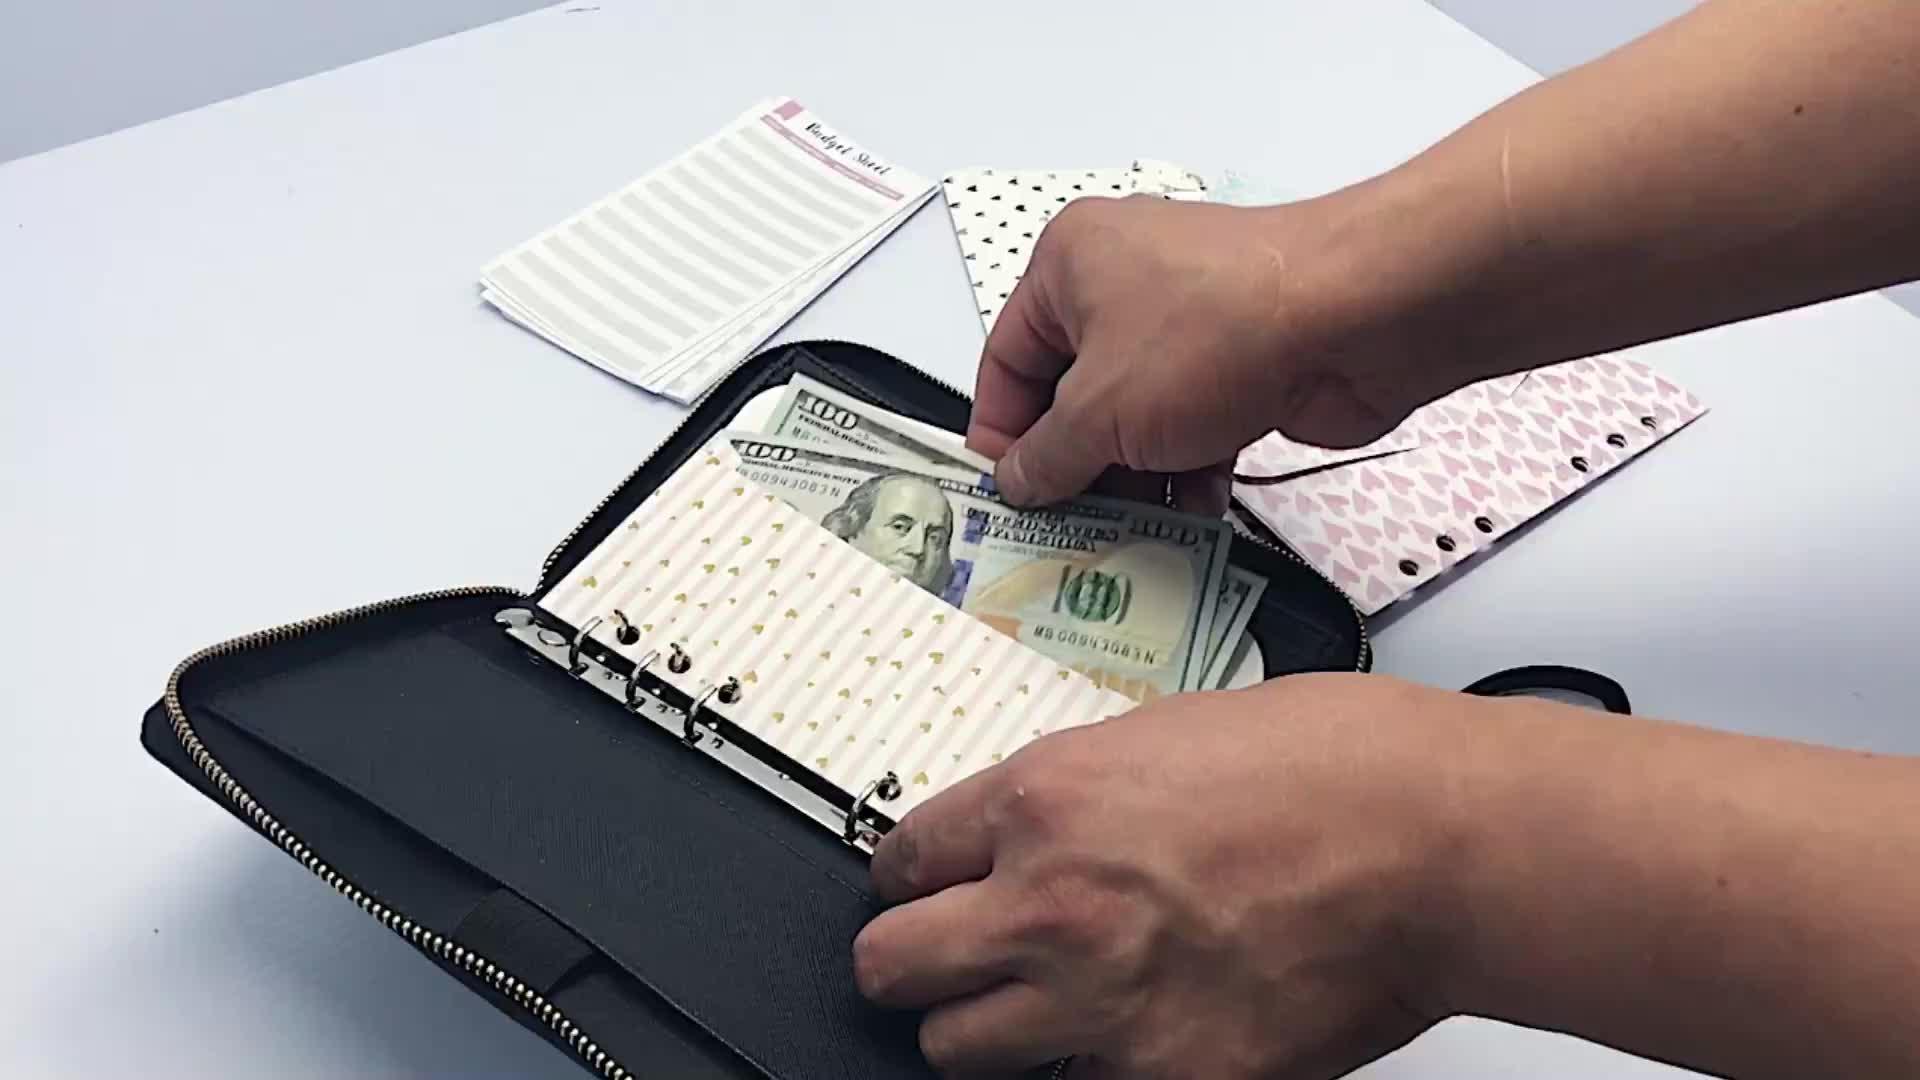 12 ламинированных денежных конвертов кошелек с вкладками включает в себя 12 балансовых трекинговых листов и наклеек с вкладками система наличных конвертов